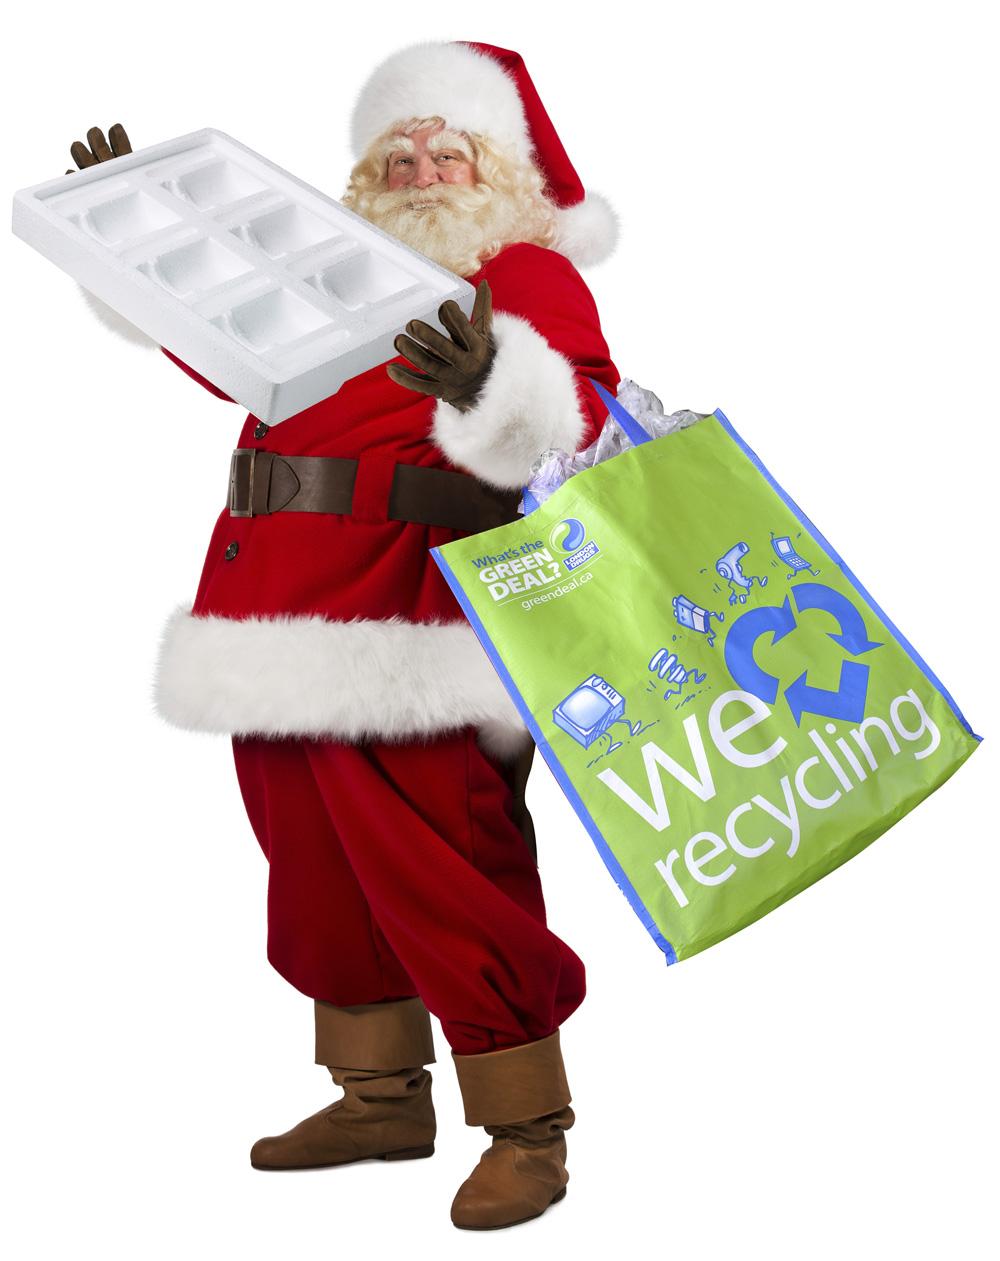 Recycling Santa